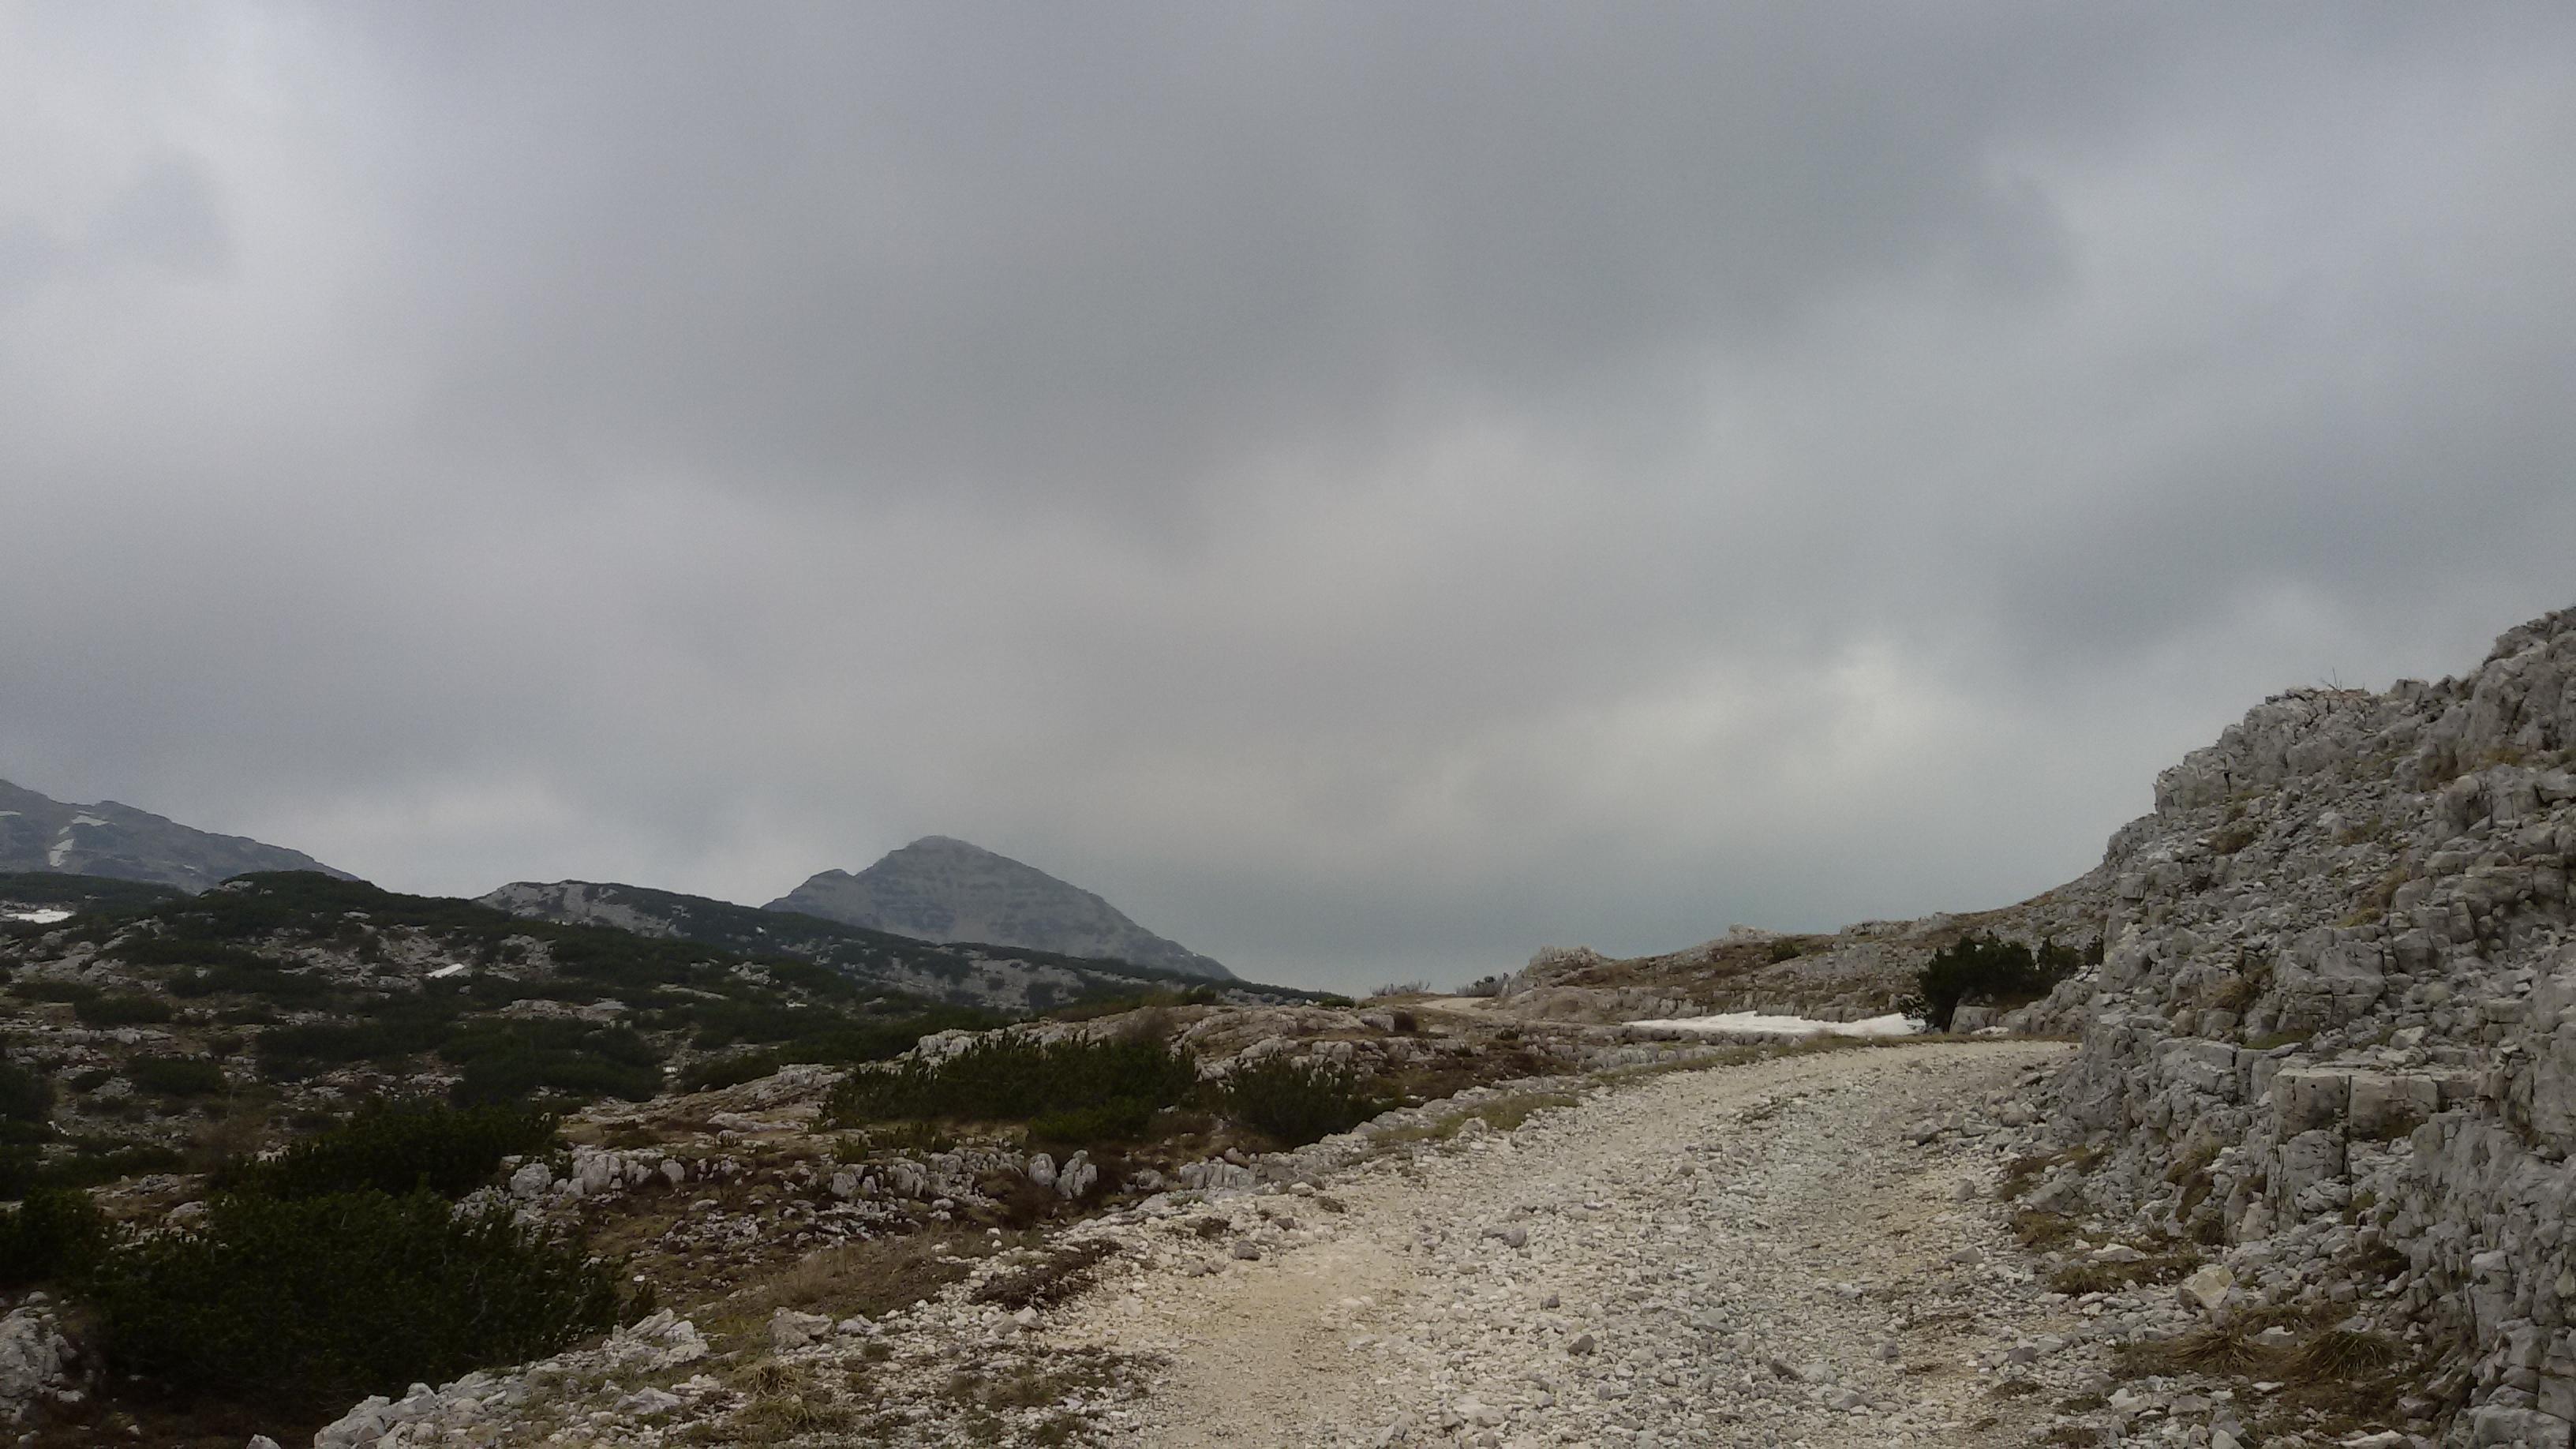 Escursione ad anello dal bivio di Basa Senocio